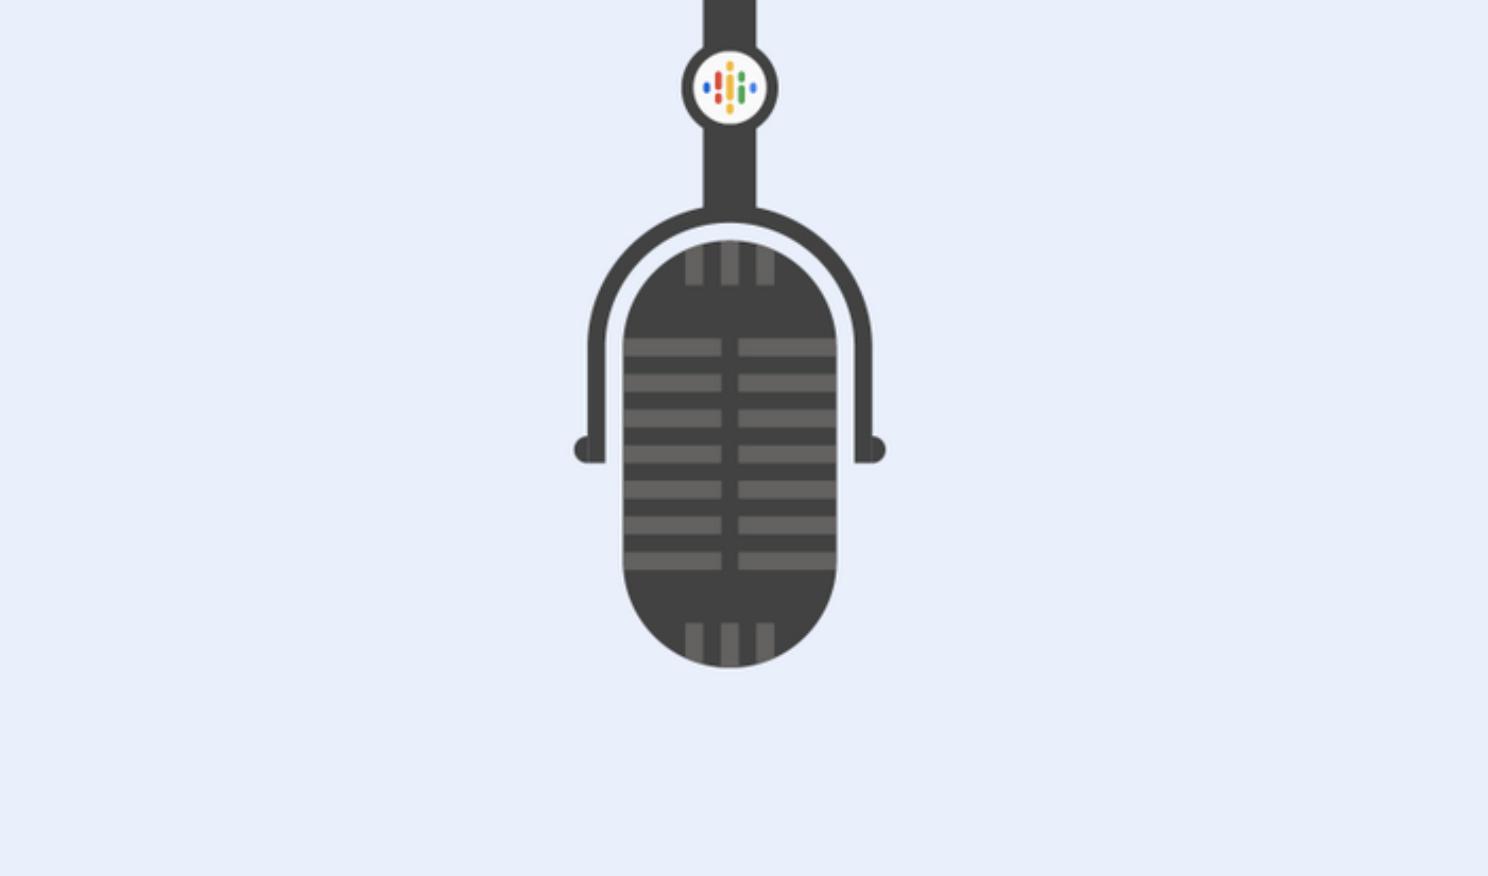 Google Podcasts a été lancé en juin dernier sur les appareils Android.